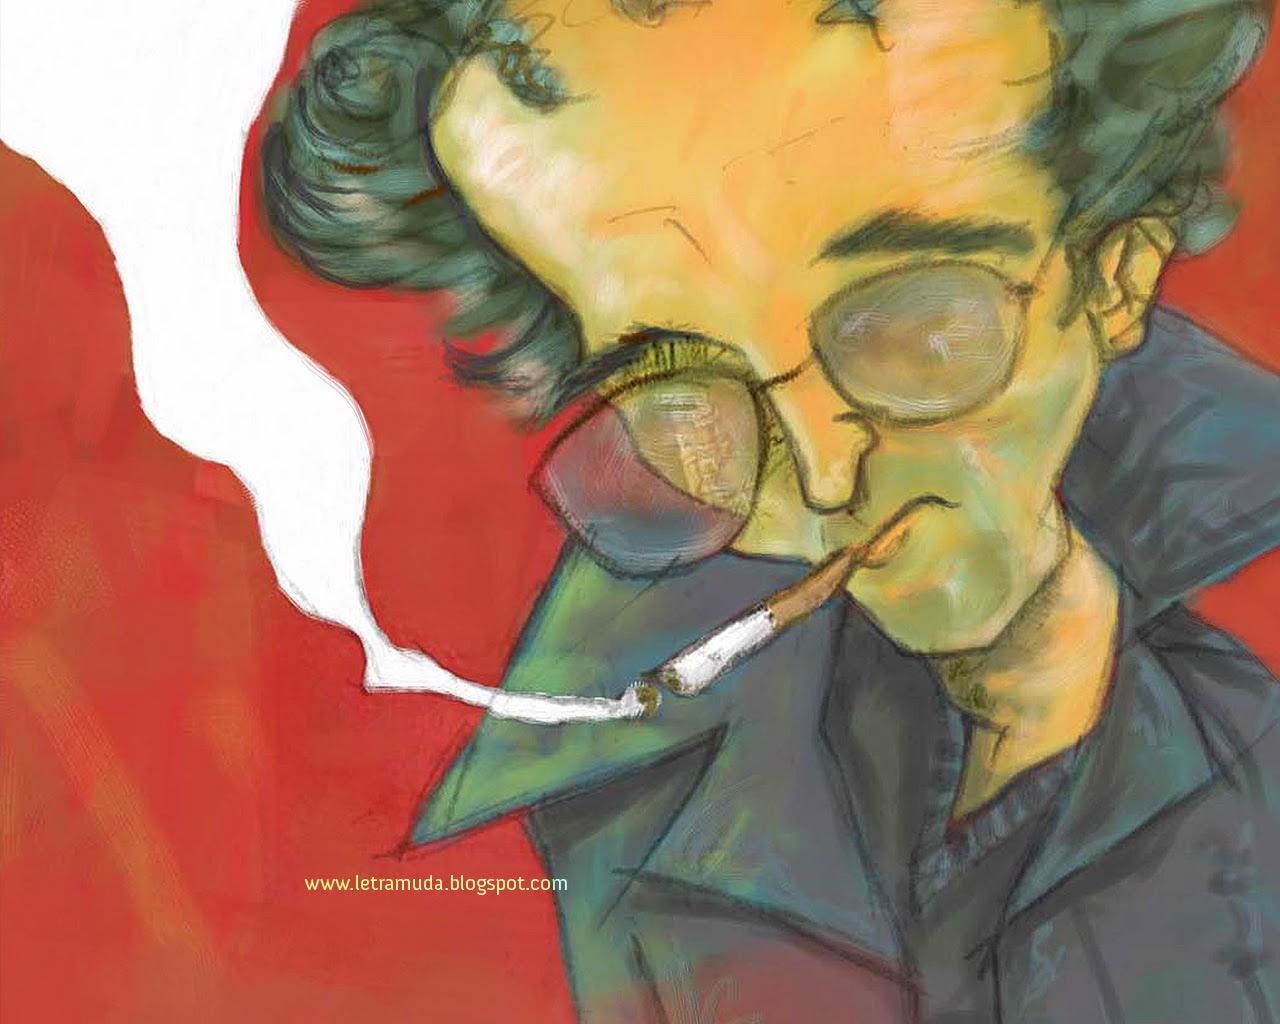 Wallpaper de Roberto Bolaño 1280*1024